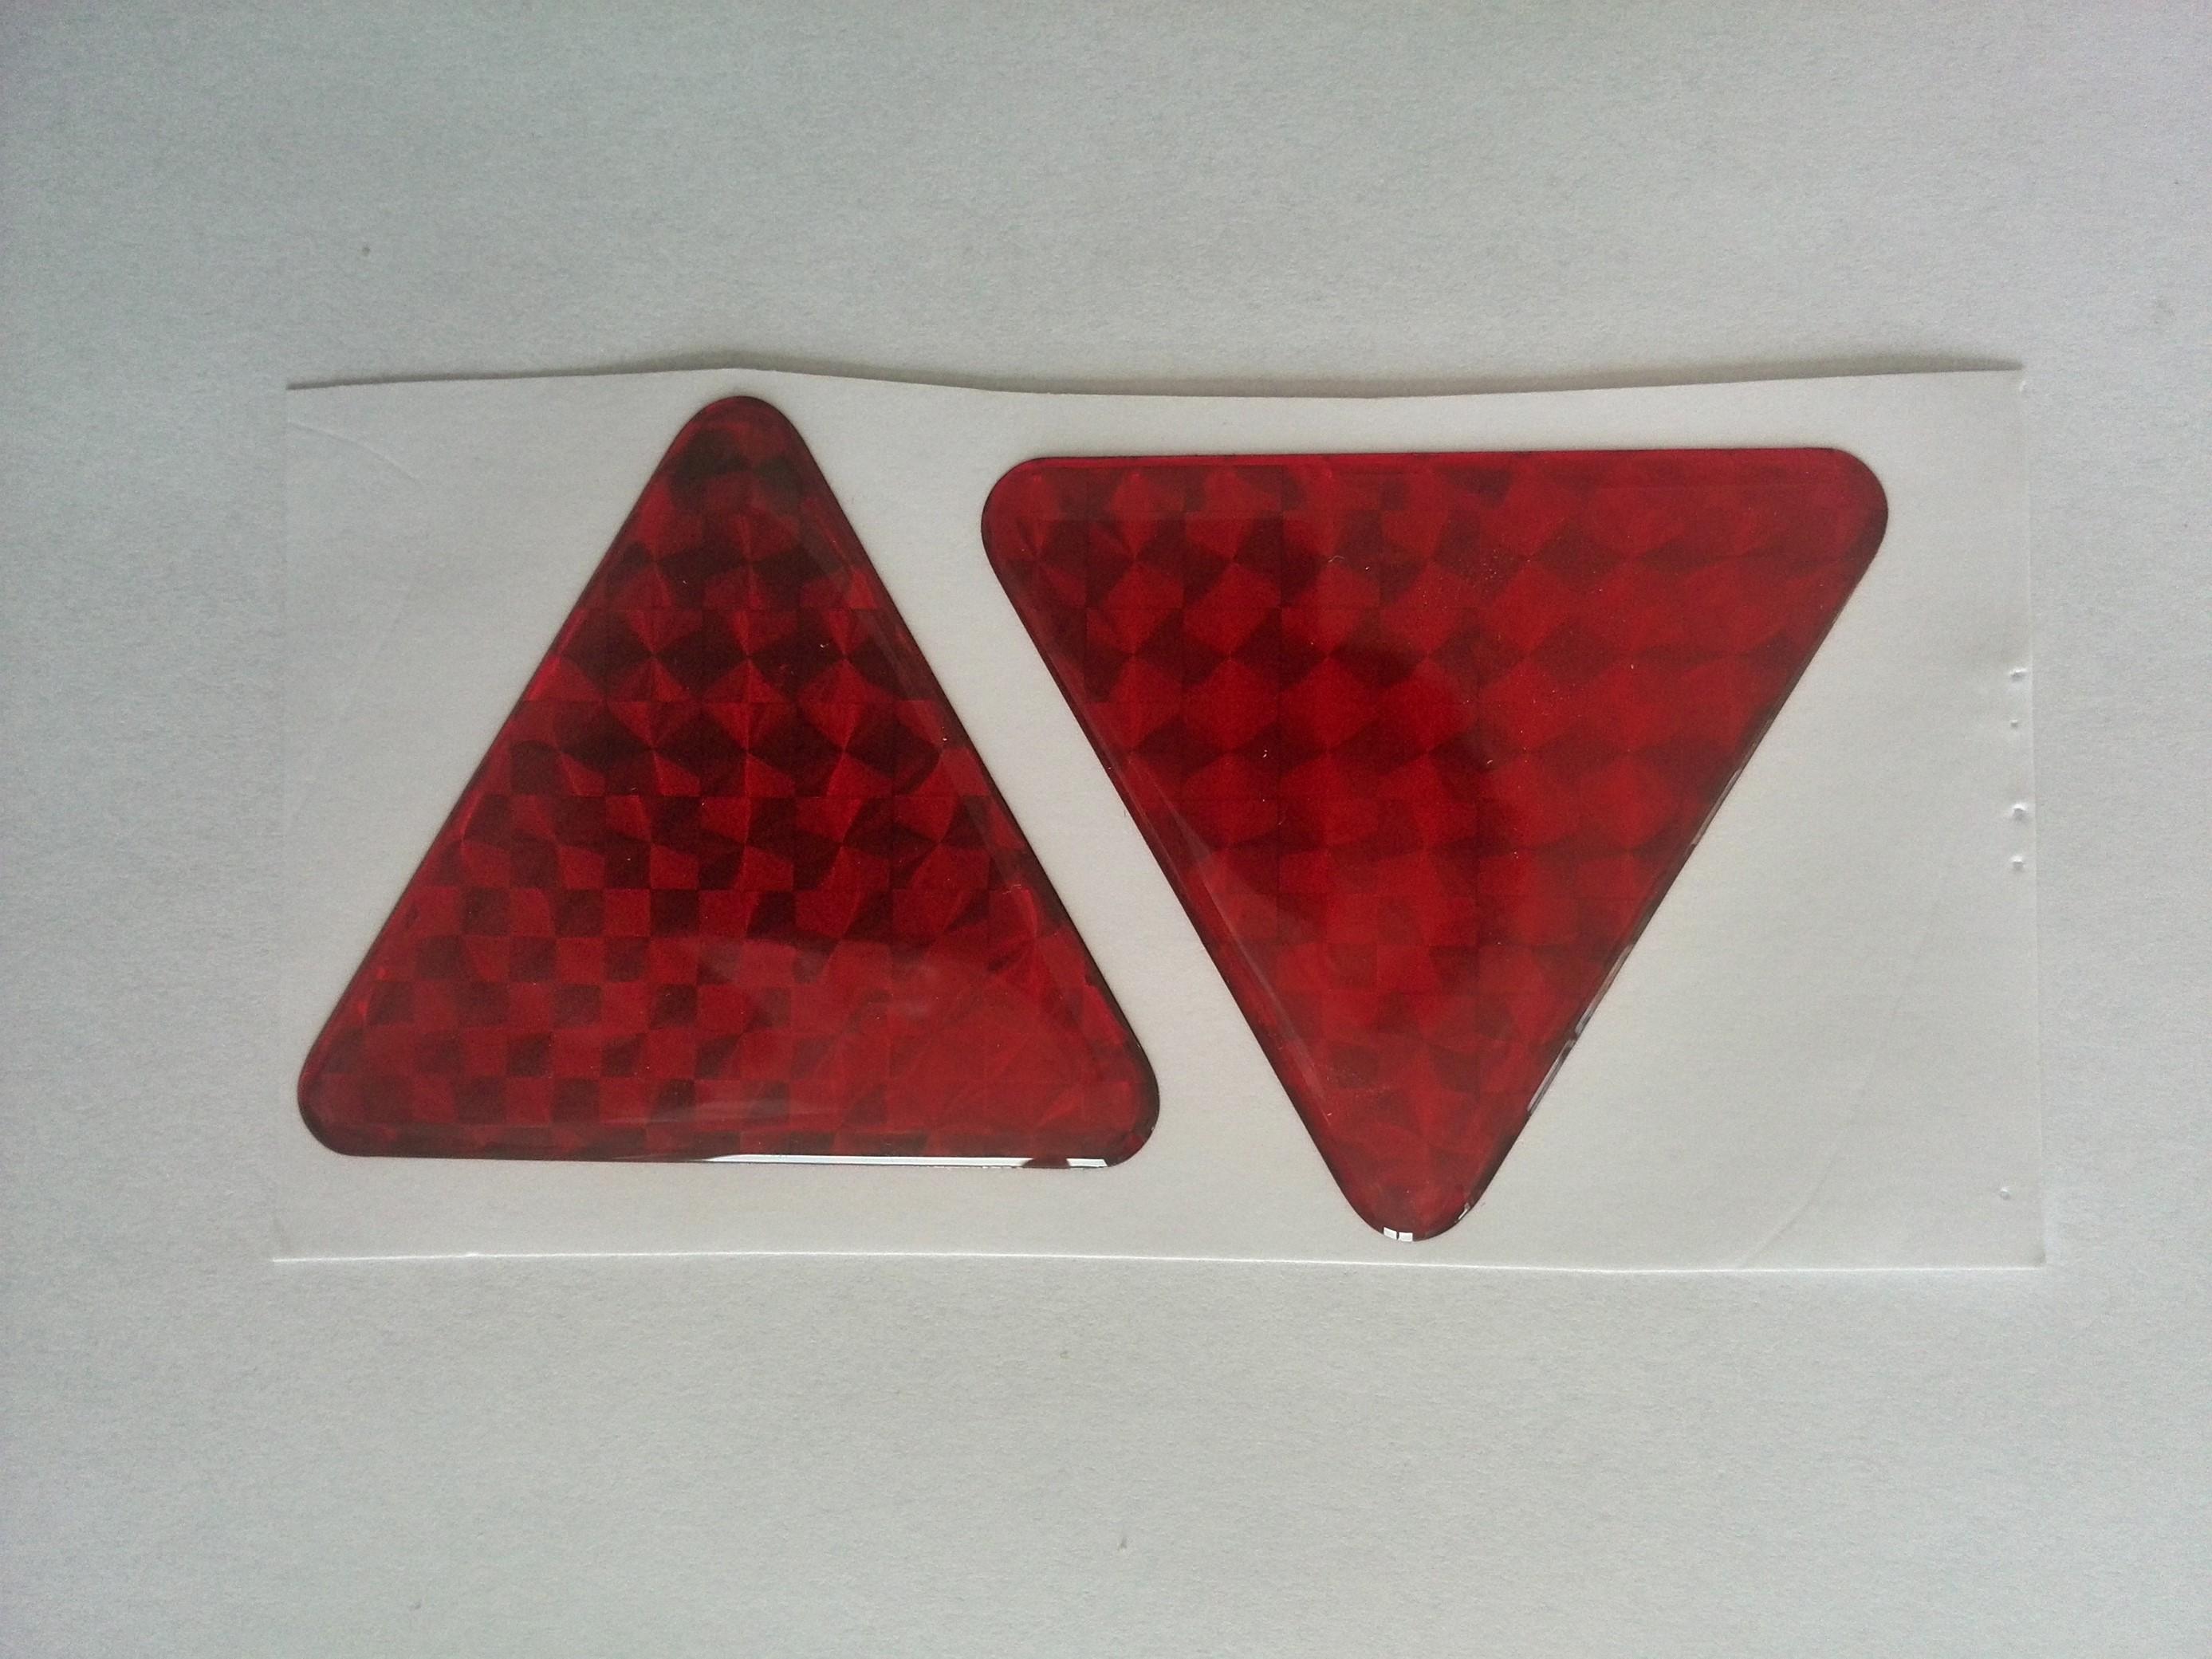 Odrazka trojúhelník červená poloplast, samolepící